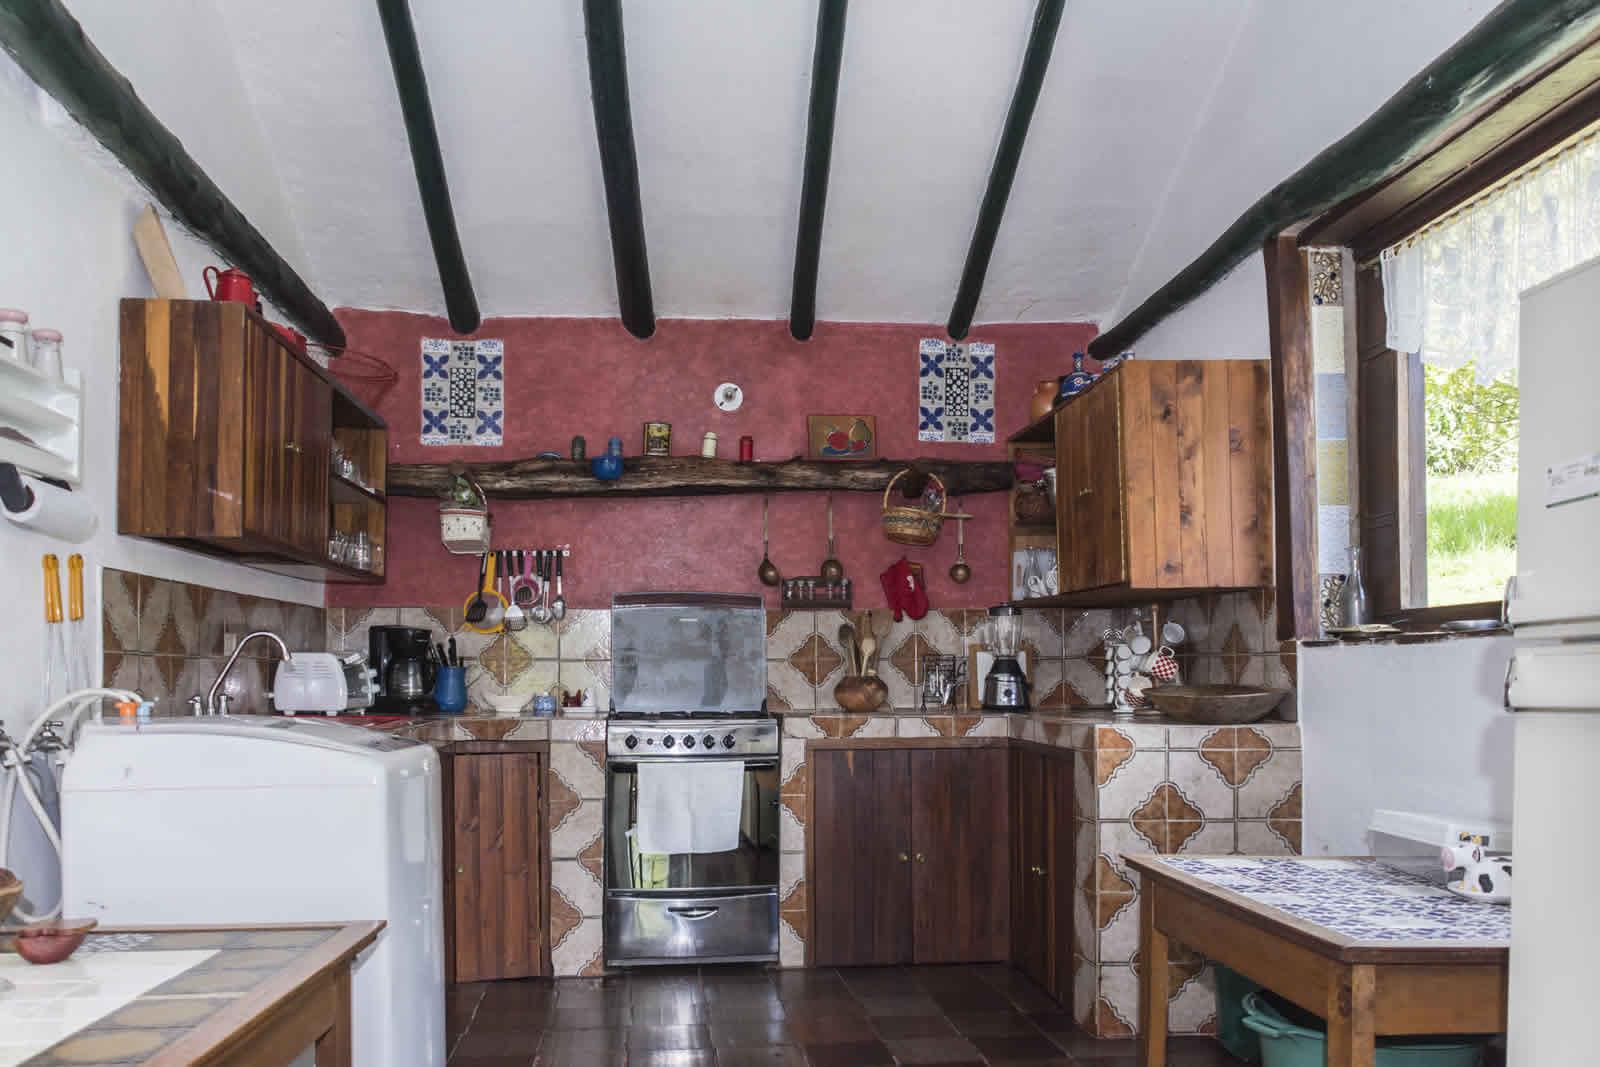 Alquiler casa Pozo Azul en Villa de Leyva - Cocina